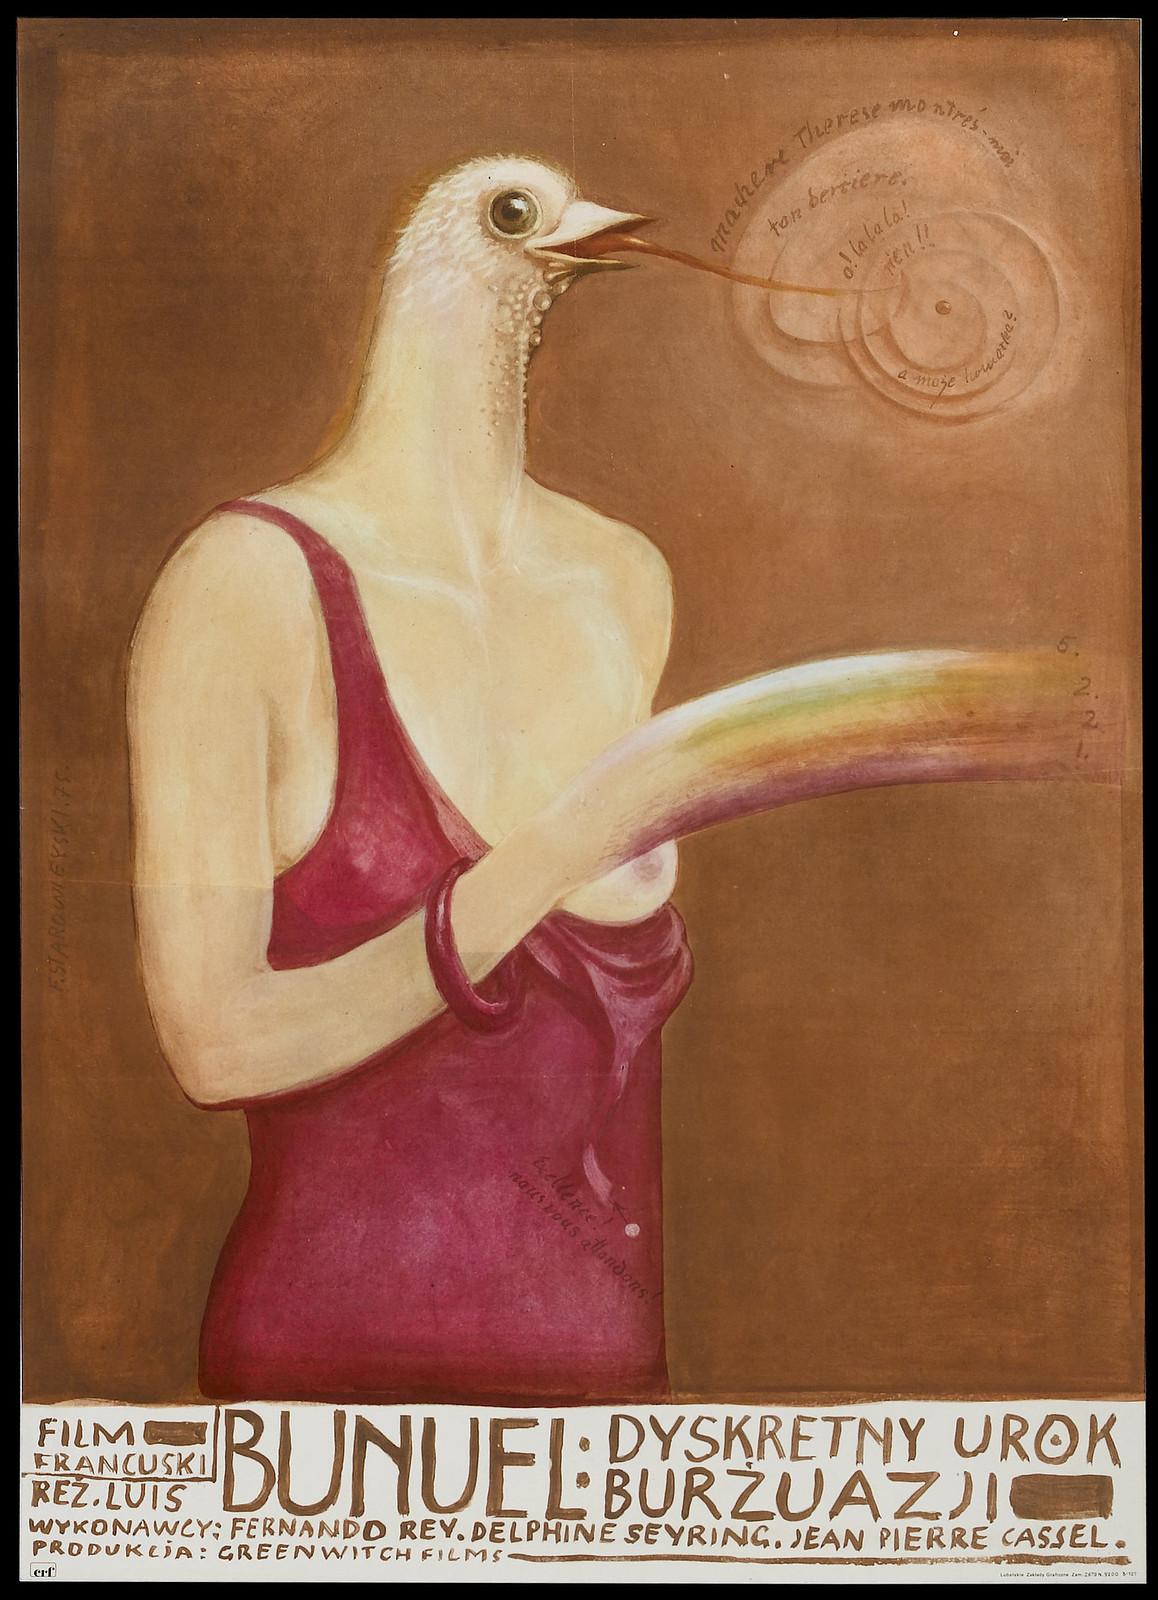 Franciszek Starowieyski - The Discreet Charm of the Bourgeoisie, 1972